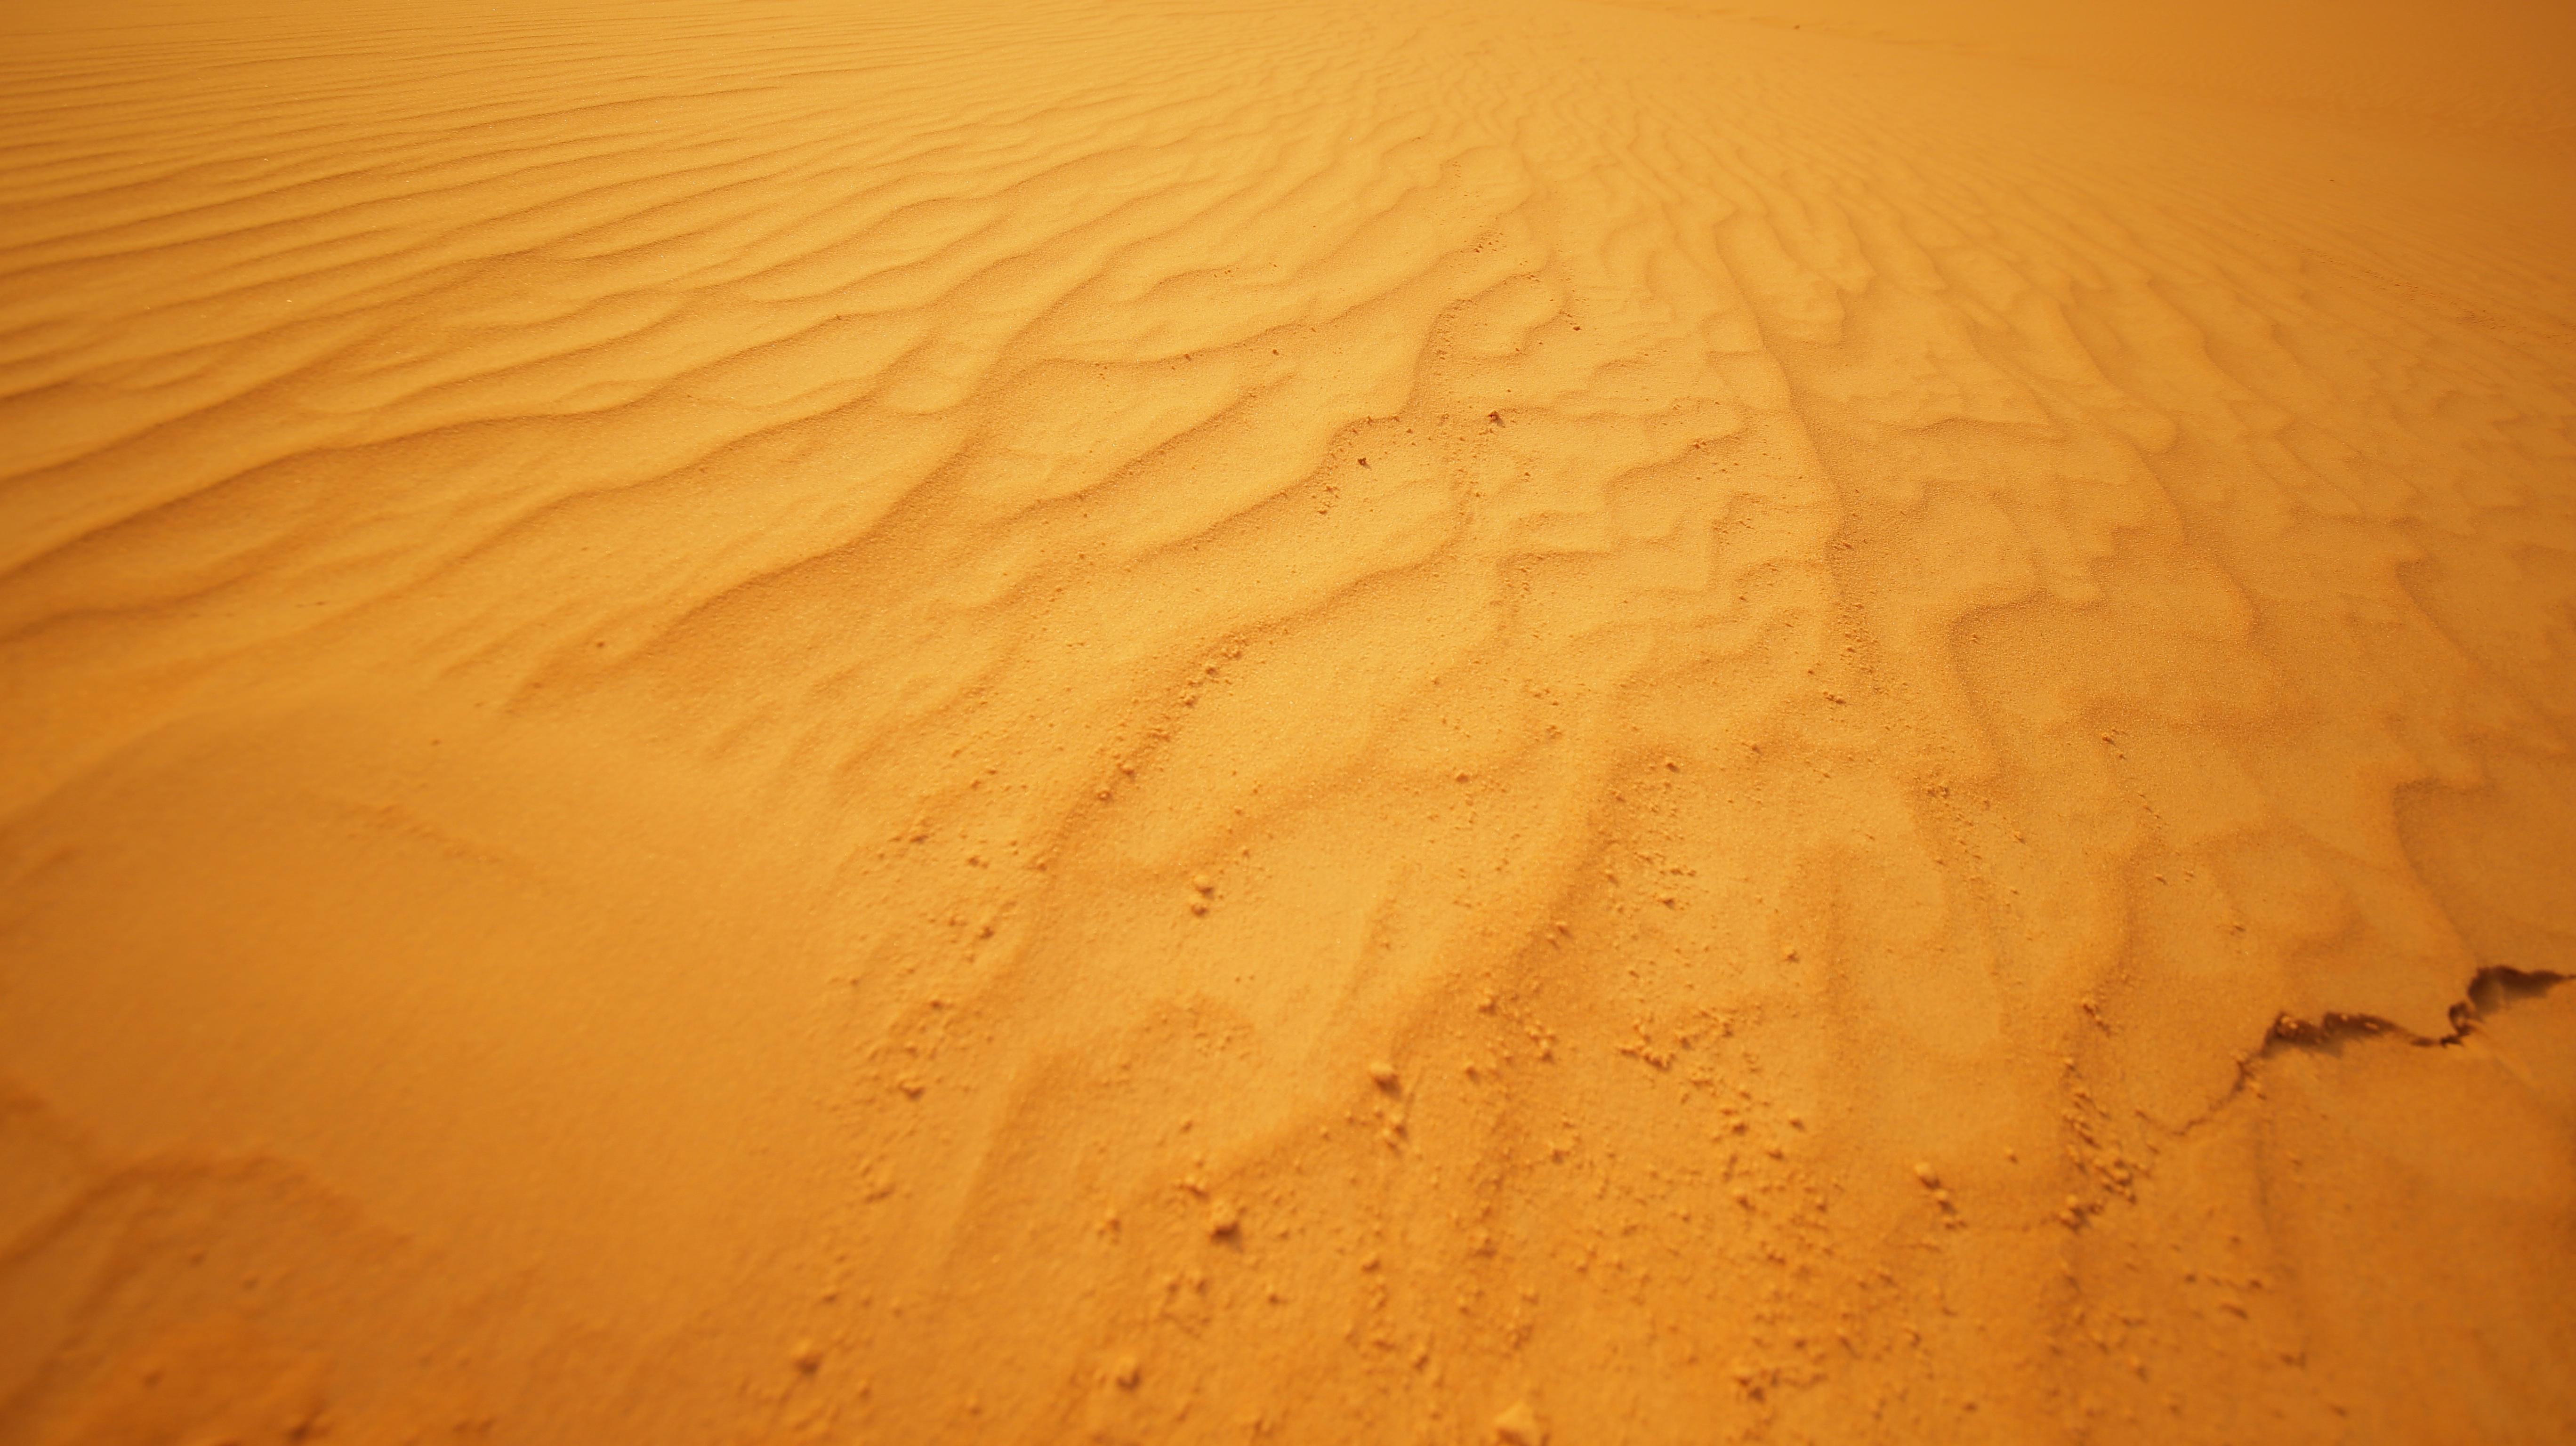 фон песка для презентации вместо газели, хоть